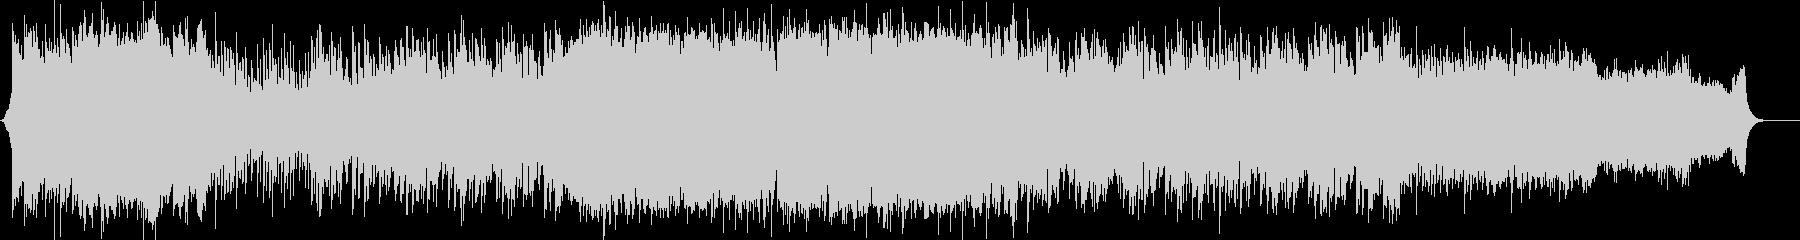 イベント 映像 オープニング曲の未再生の波形